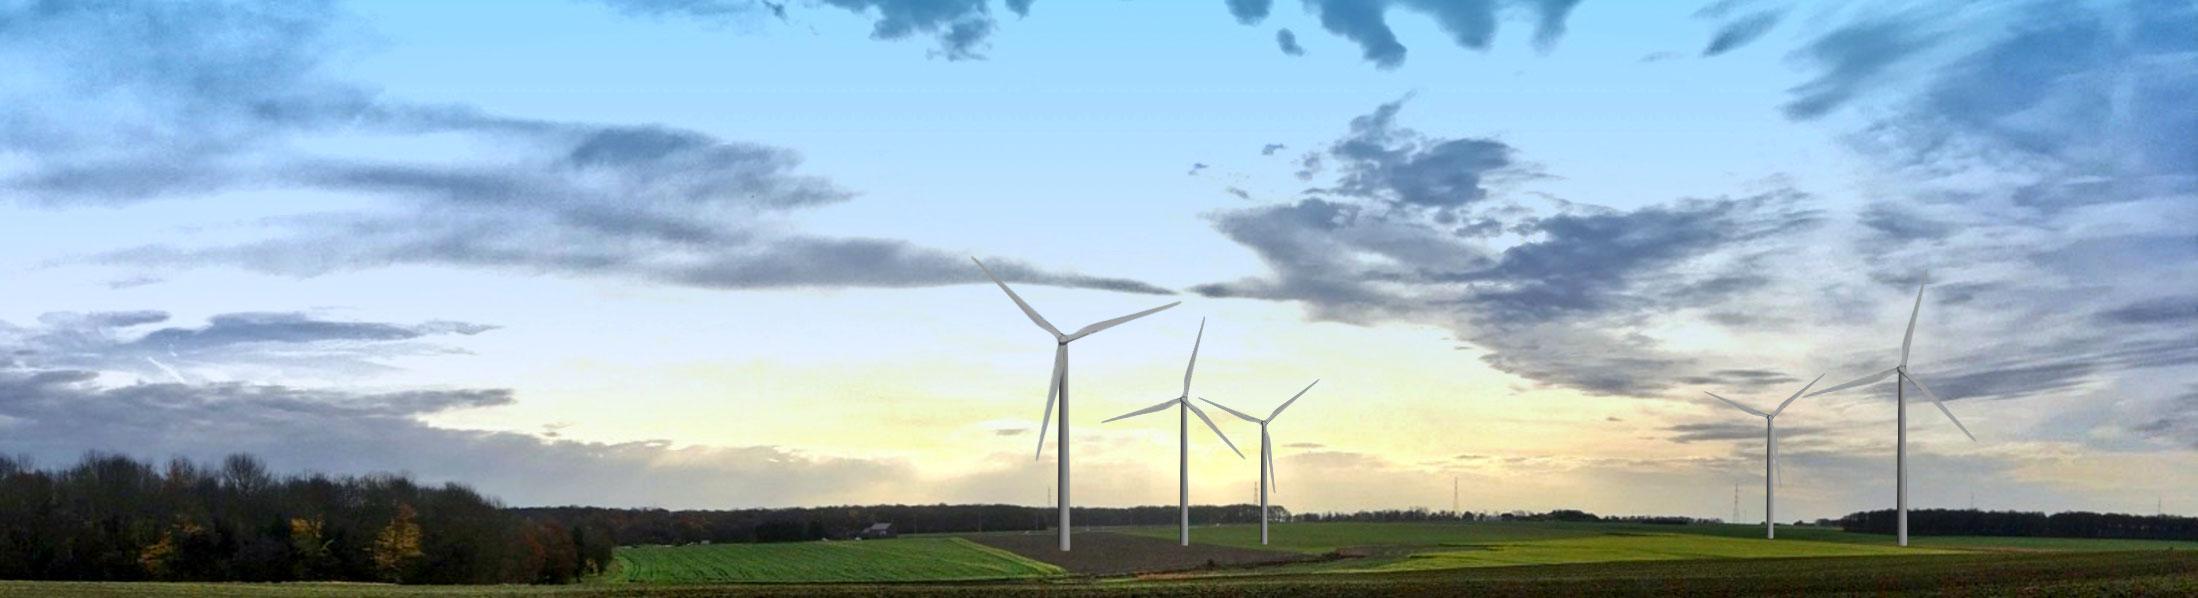 Image fictive des éoliennes sur le condroz